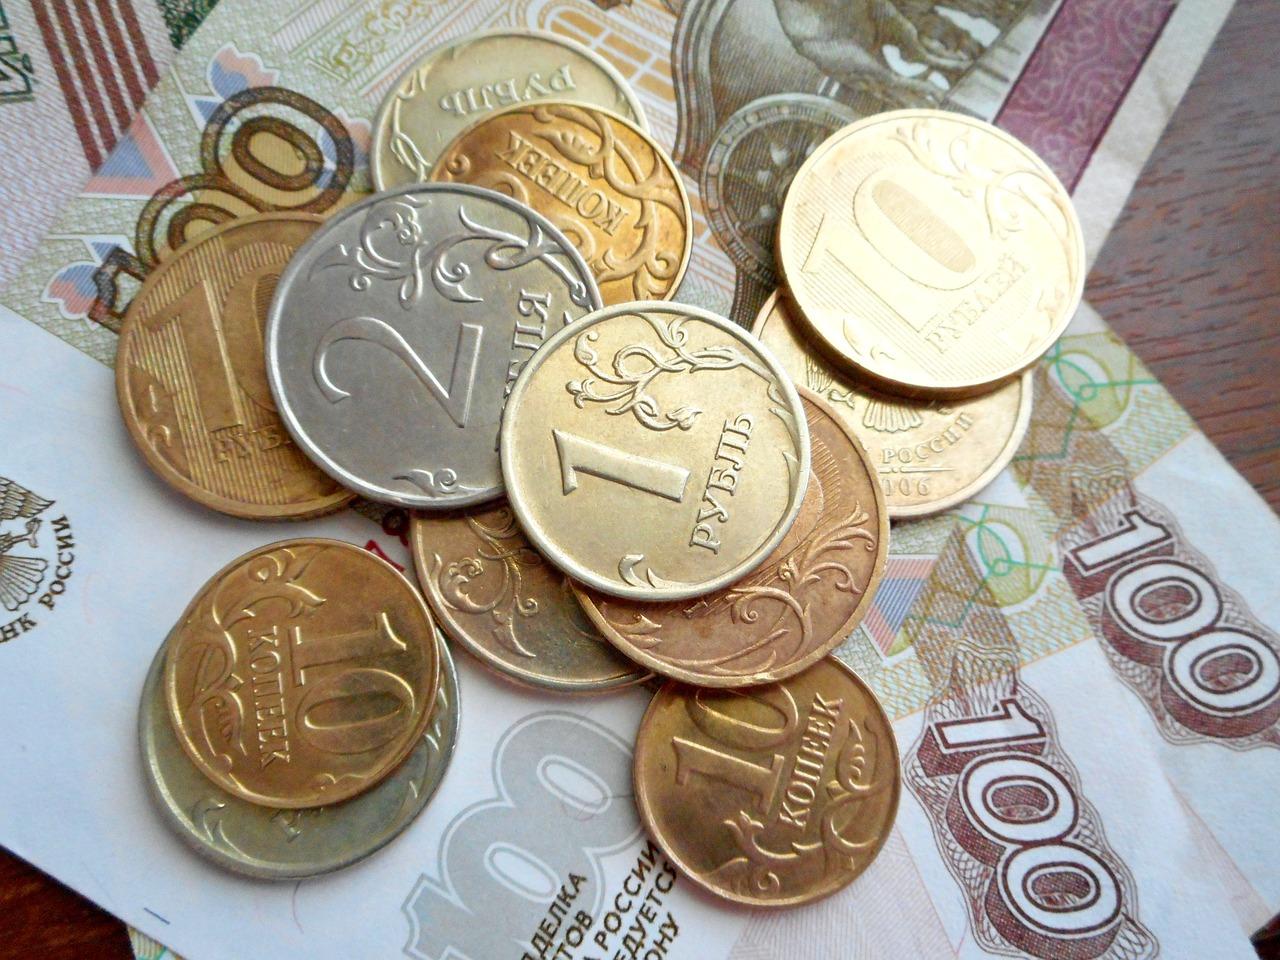 За счет чего в России может уменьшиться или увеличиться размер пенсии